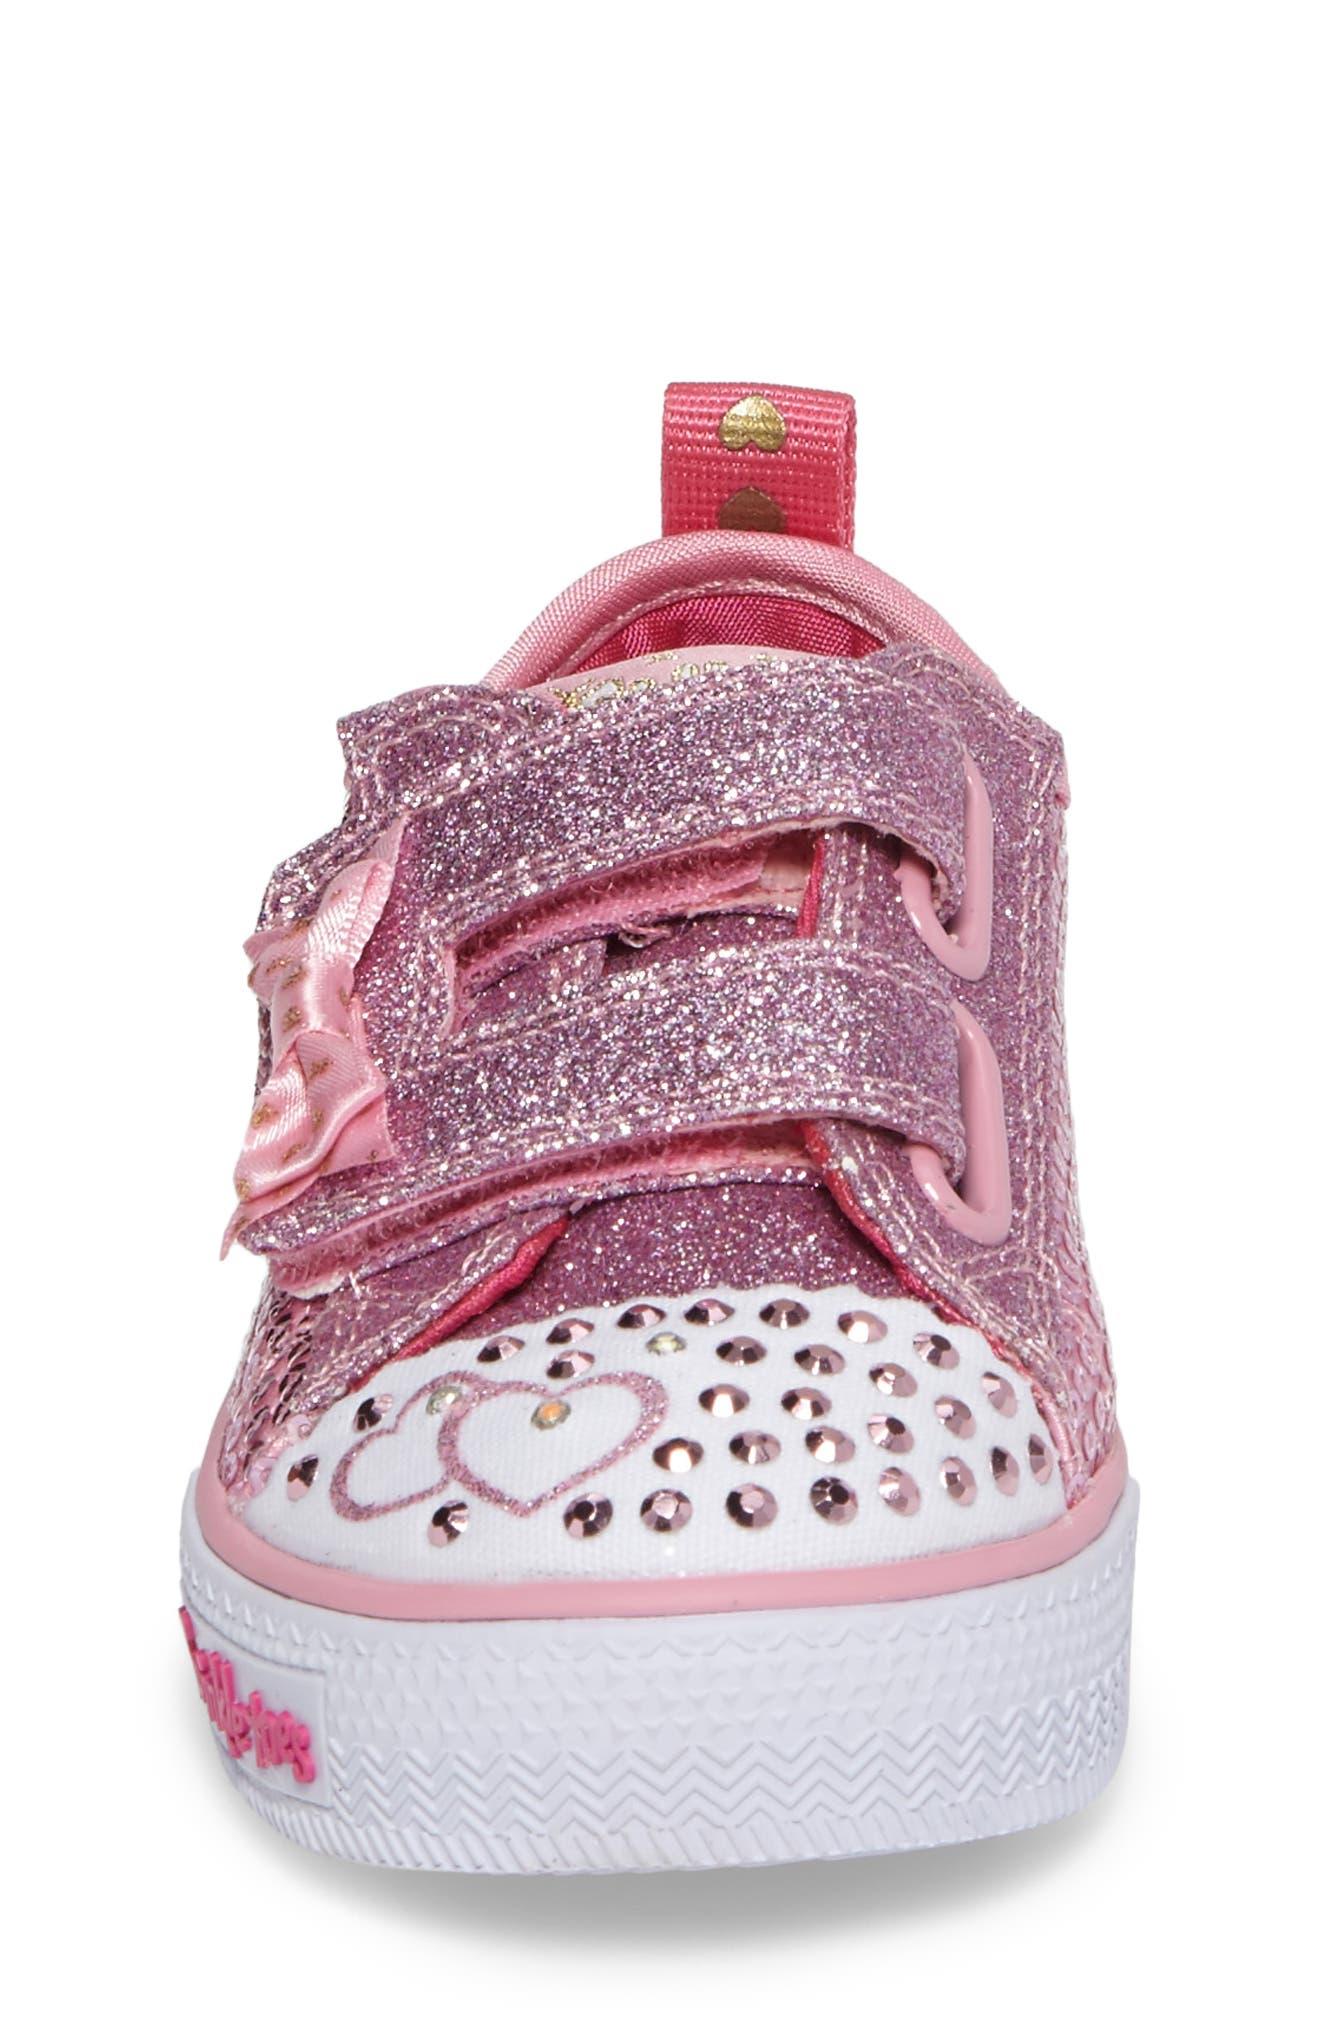 Shuffles - Itsy Bitsy Light-Up Sneaker,                             Alternate thumbnail 19, color,